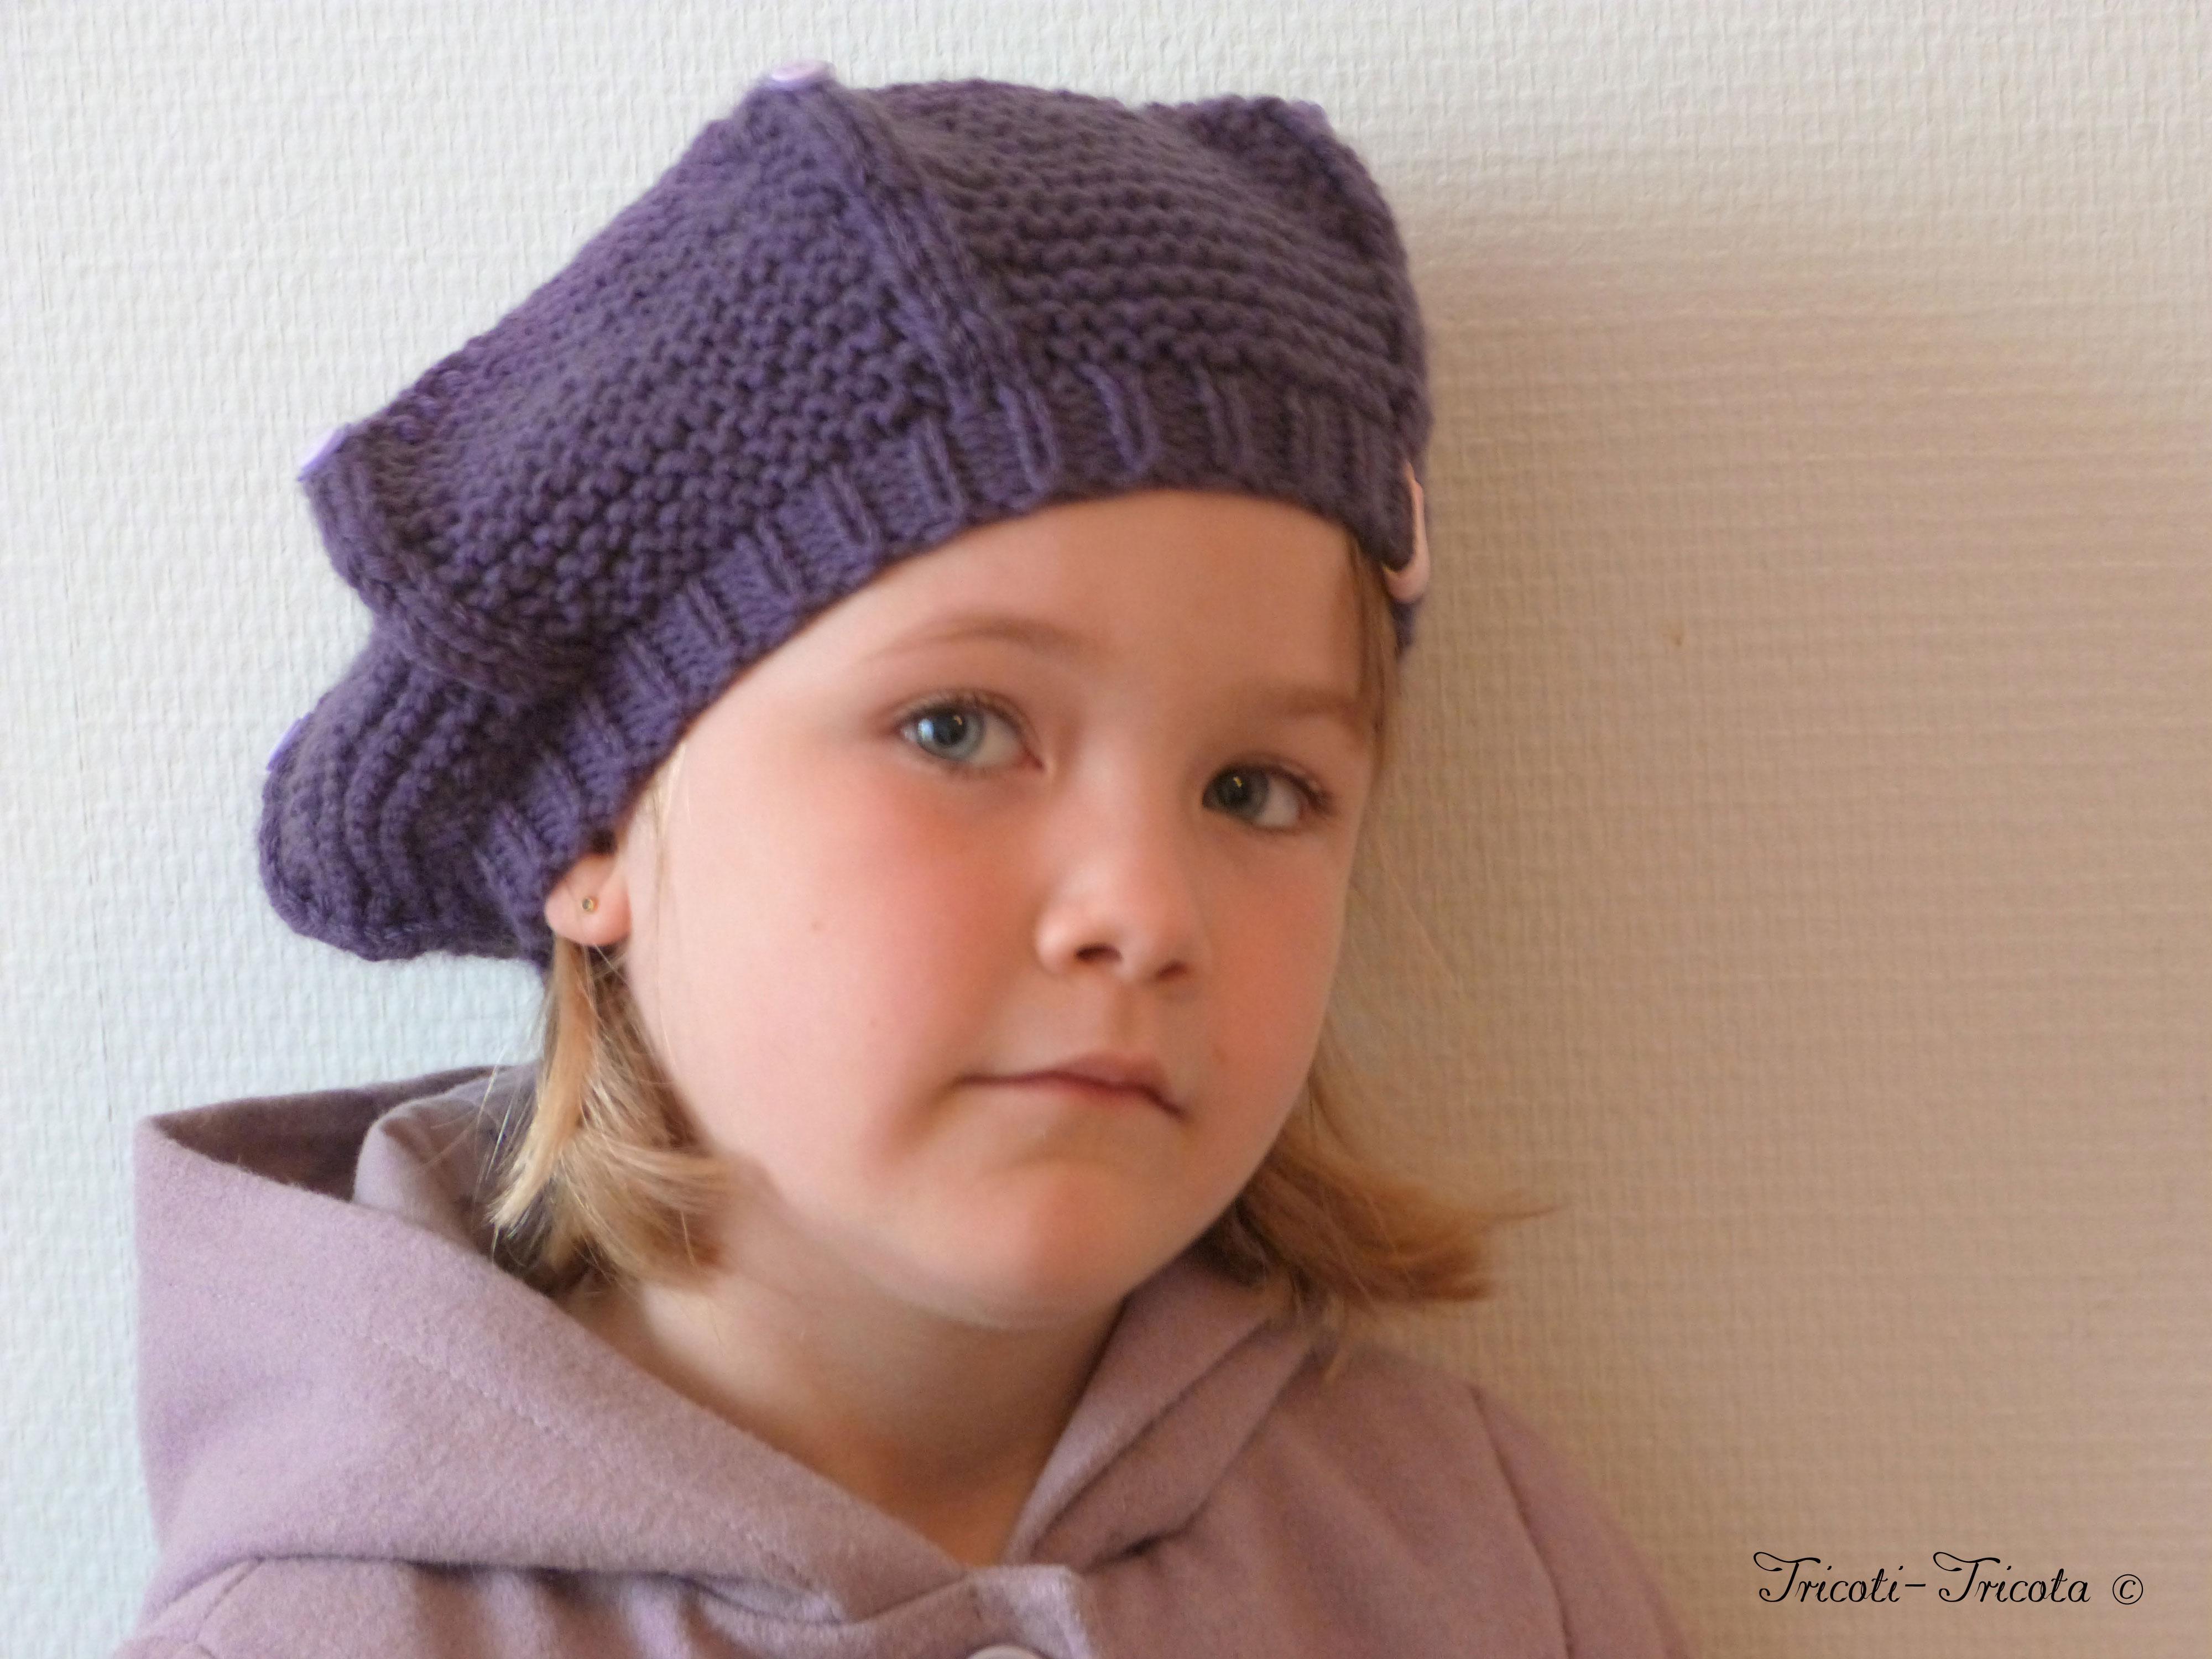 Titbouchon  Titbouchon, c'est le blog d'une maman couturière, qui aime